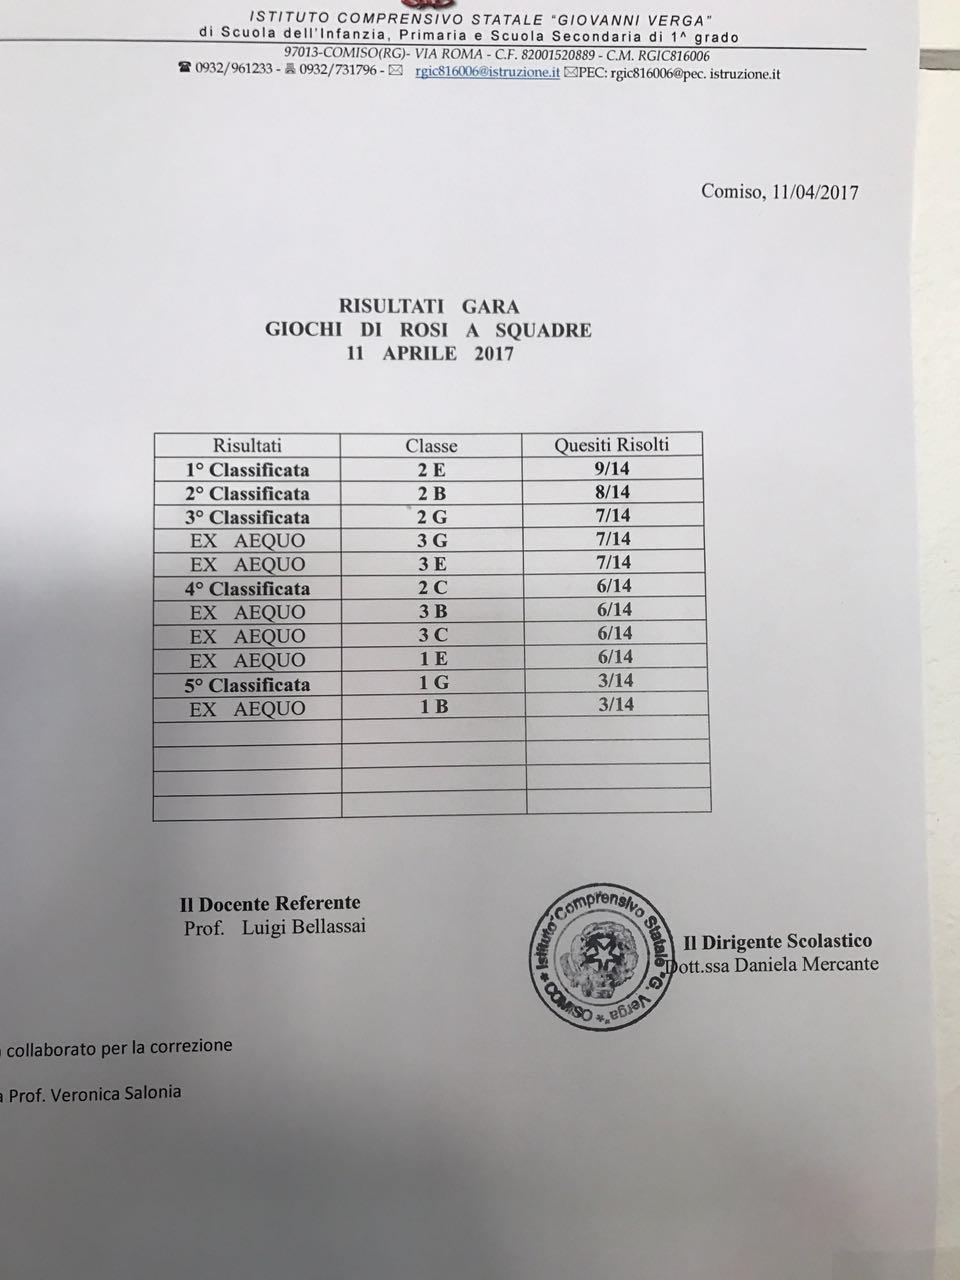 Giochi Matematici Di Rosy A Squadre Istituto Comprensivo Statale